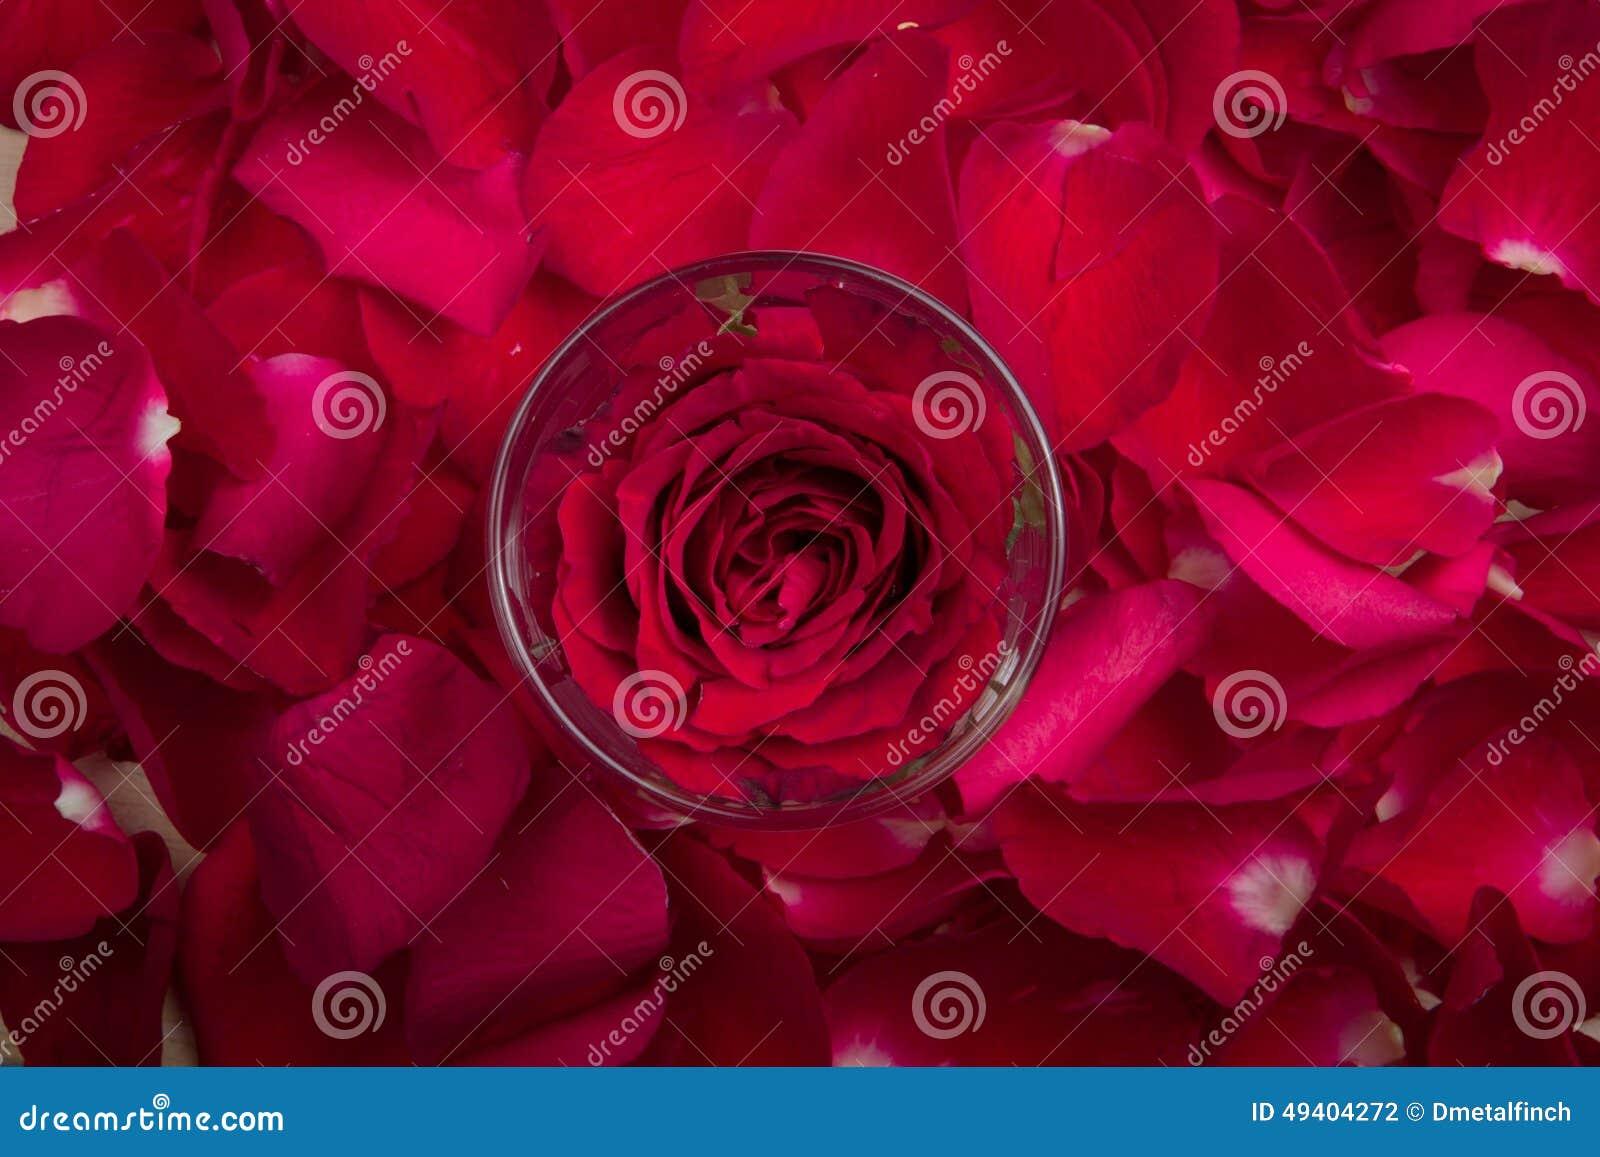 Download Eine Rote Rose In Einer Glasschale Stockfoto - Bild von liebe, weinlese: 49404272